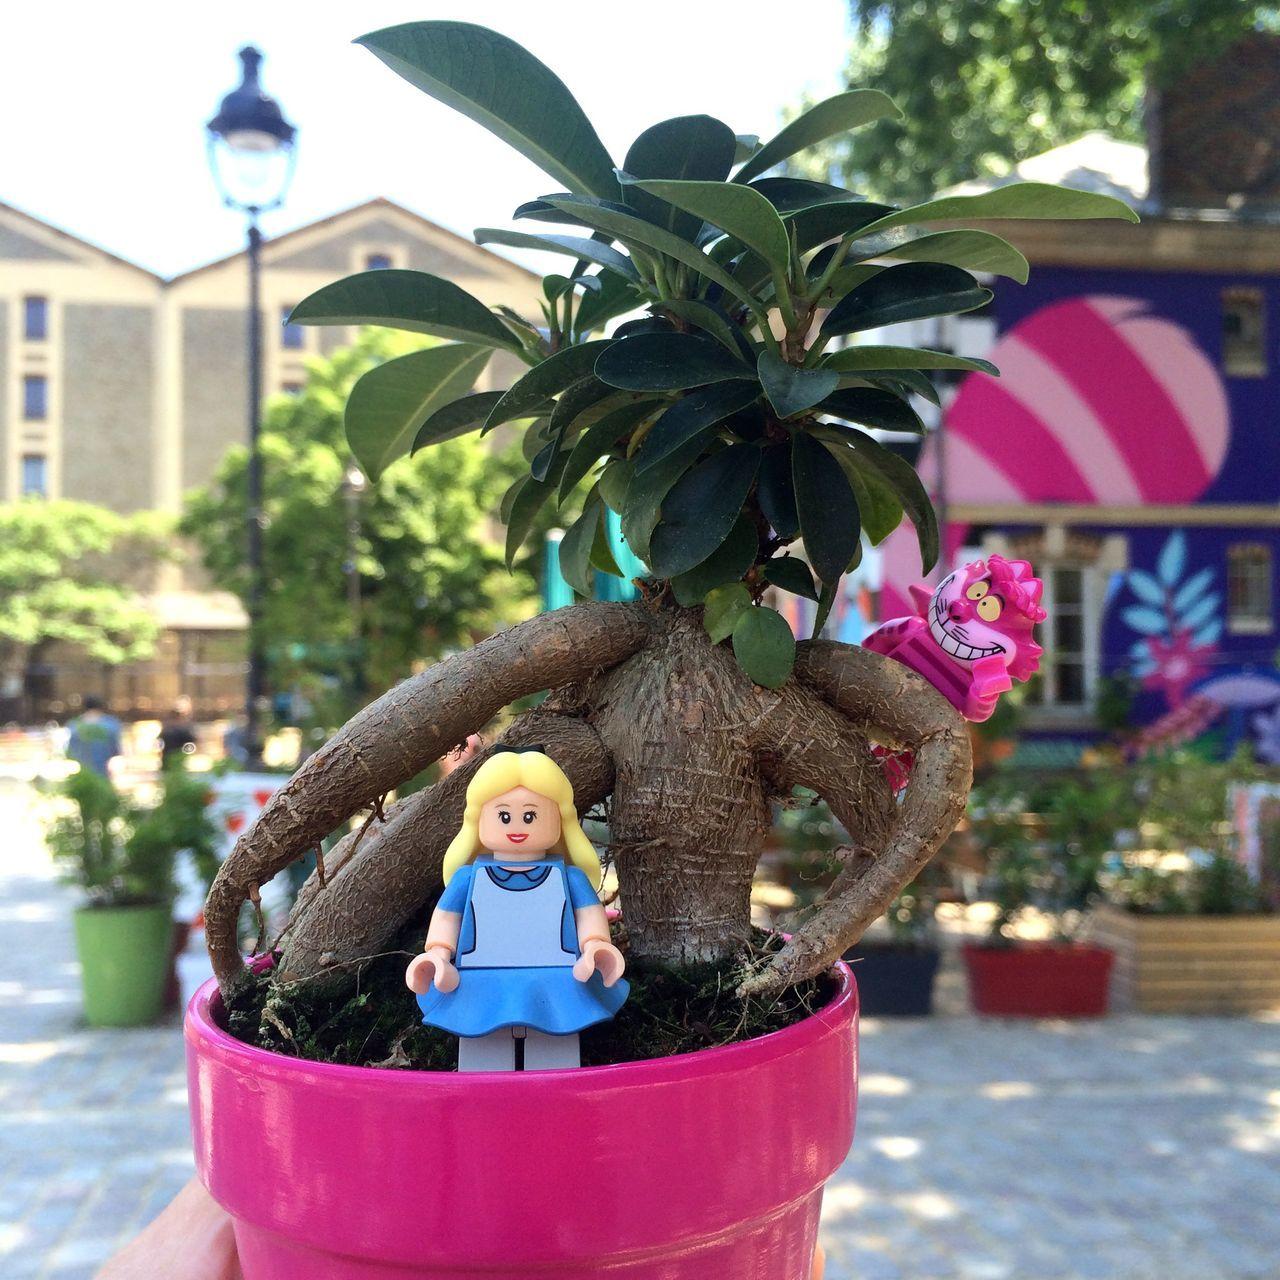 Fleurpageons Les rhododendroves Gyraient et gygemblaient dans les vabes On frimait vers les pétunias et les momerates embradent ». Alice Aliceinwonderland Alice Au Pays Des Merveilles